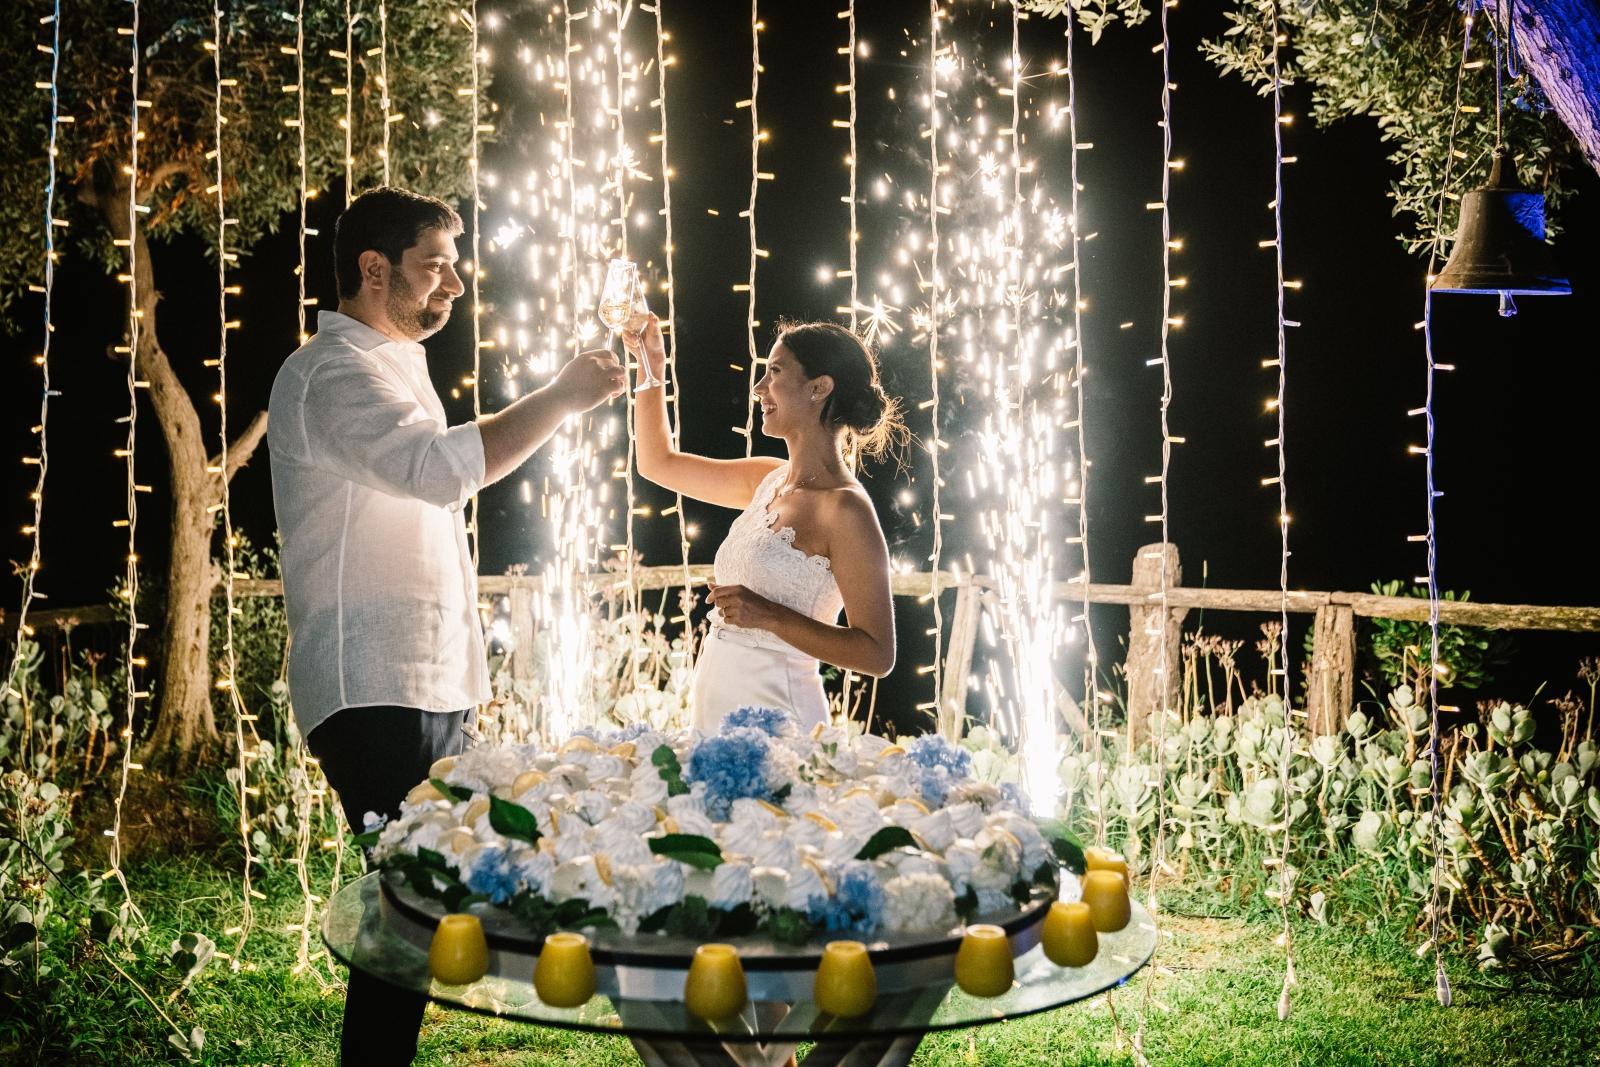 matrimonio_laconcasulmare_coloricostiera_vietrisulmare_blineventi-48